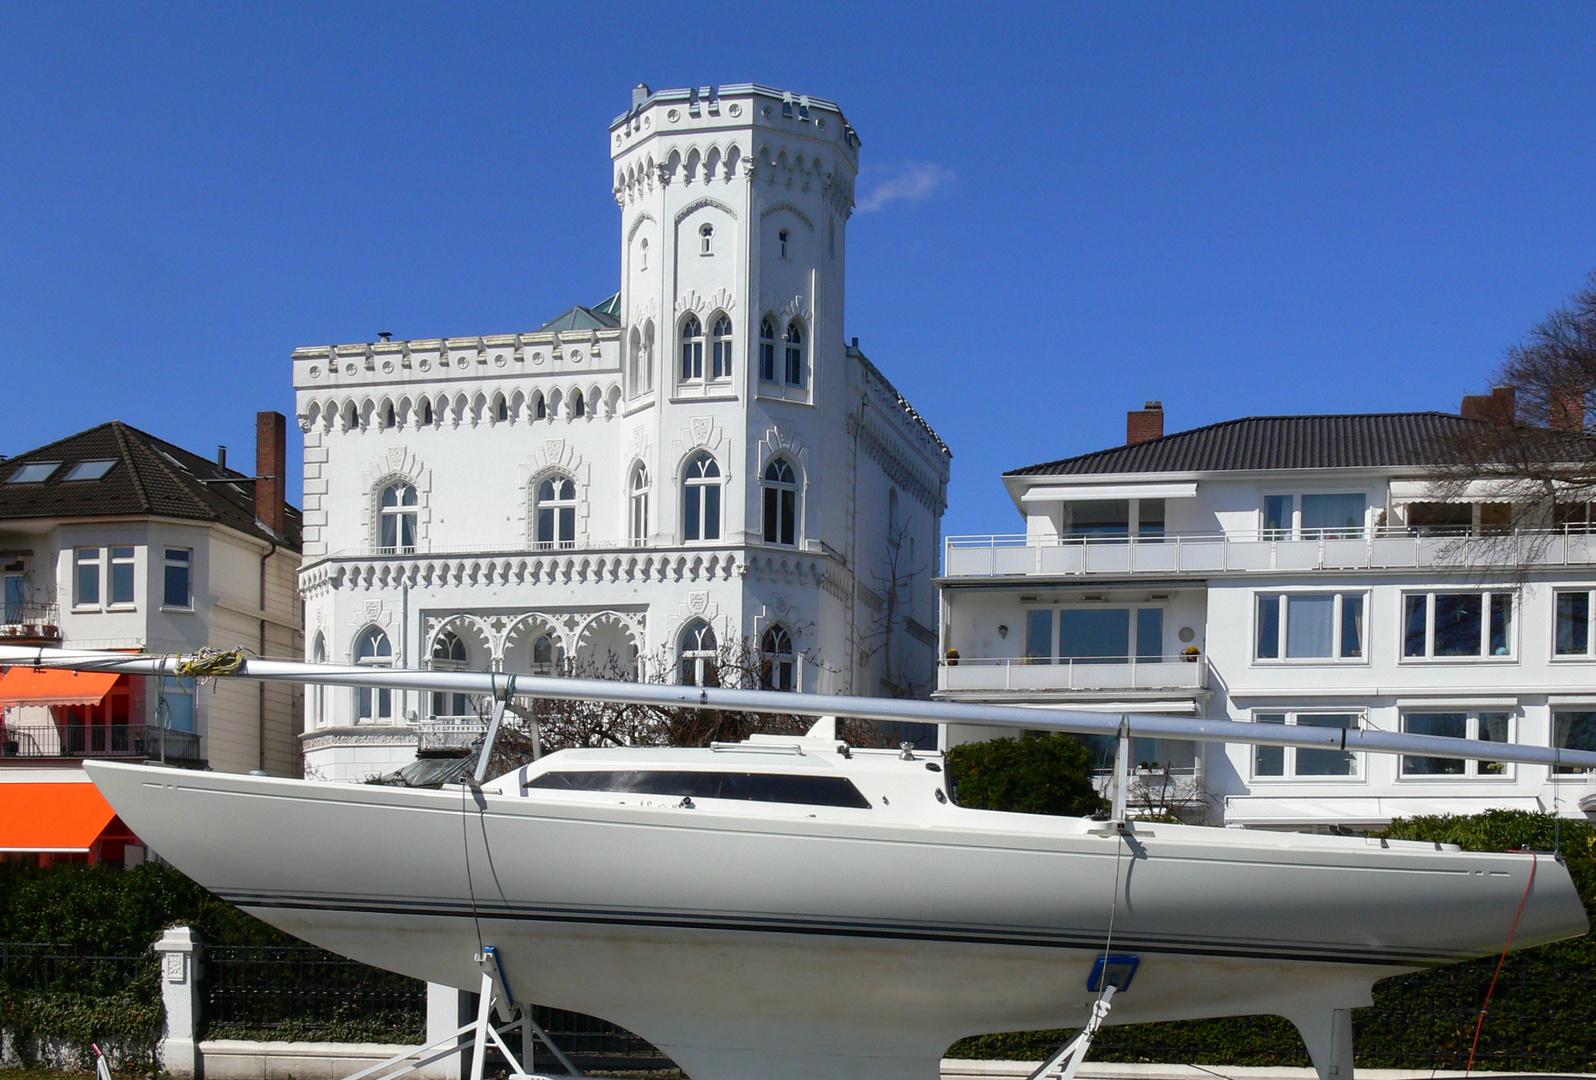 Mein Haus, mein Schiff .........!